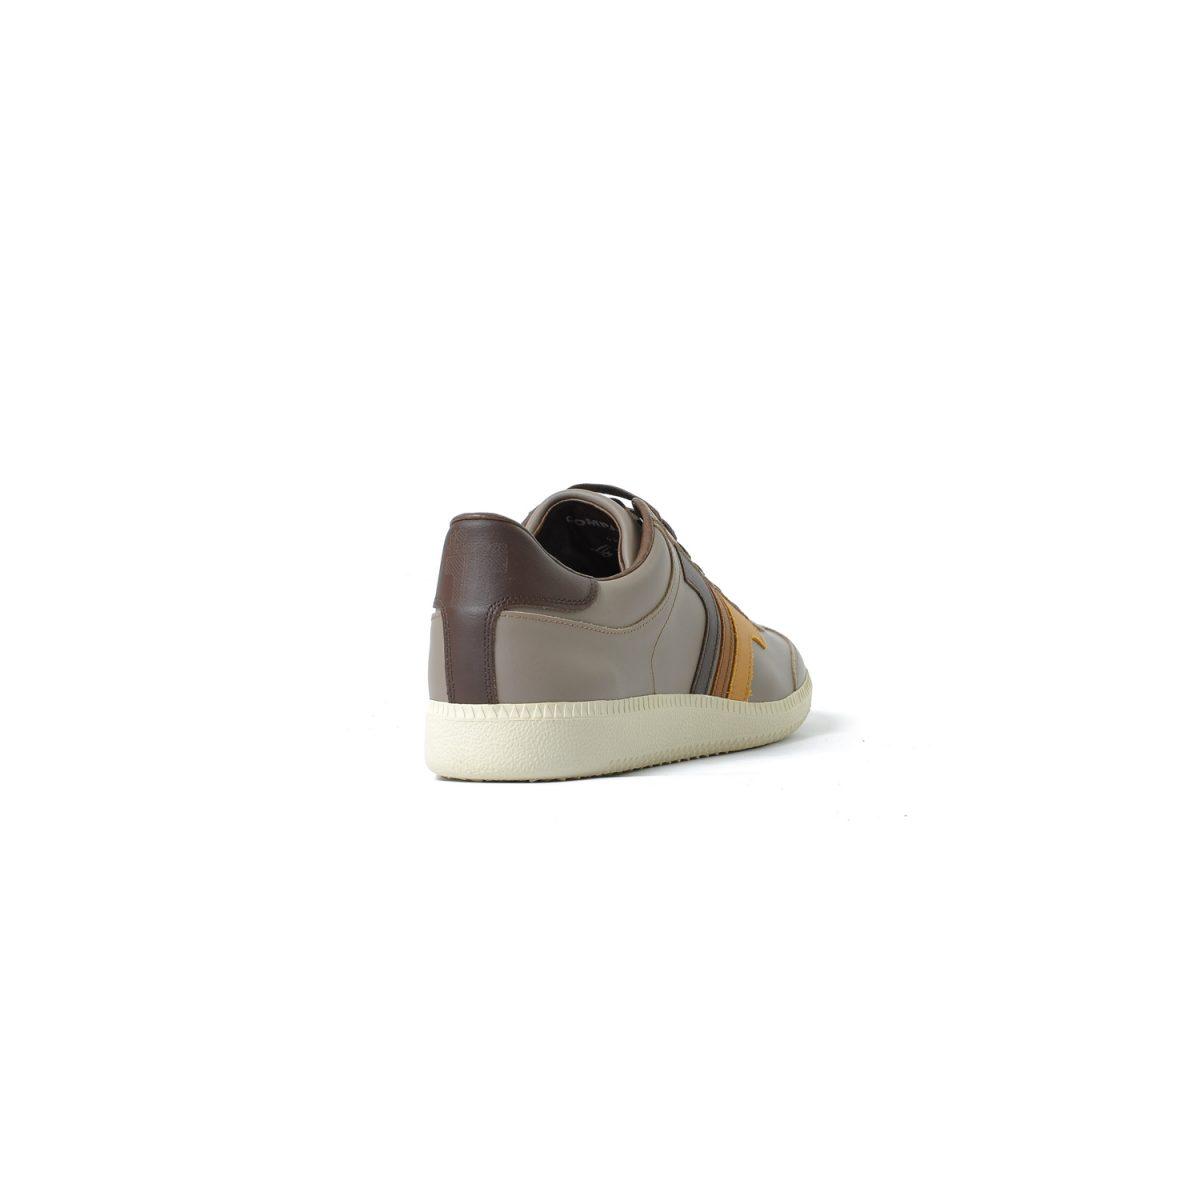 Tisza cipő - Compakt - Föld-3barna